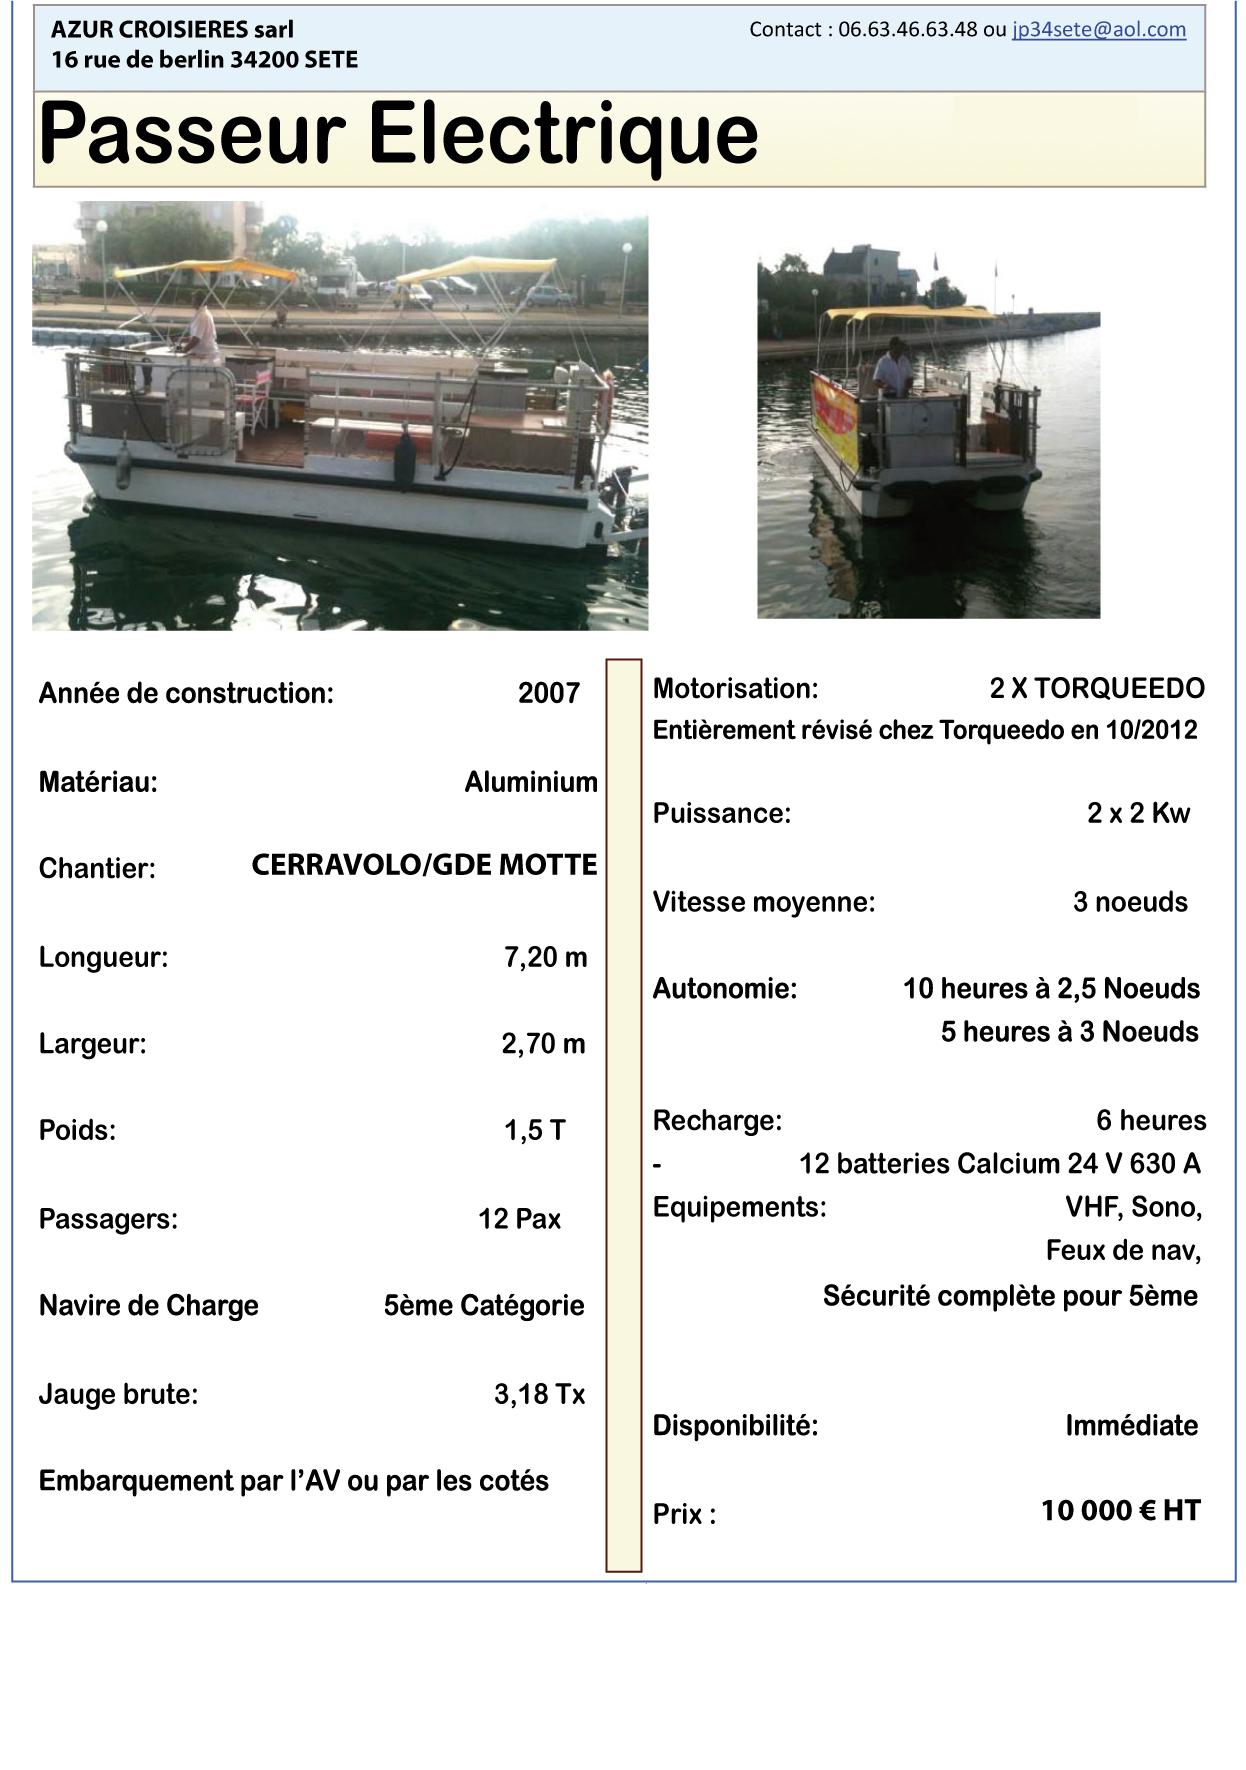 FICHE-PASSEUR-ECOCANO2.png